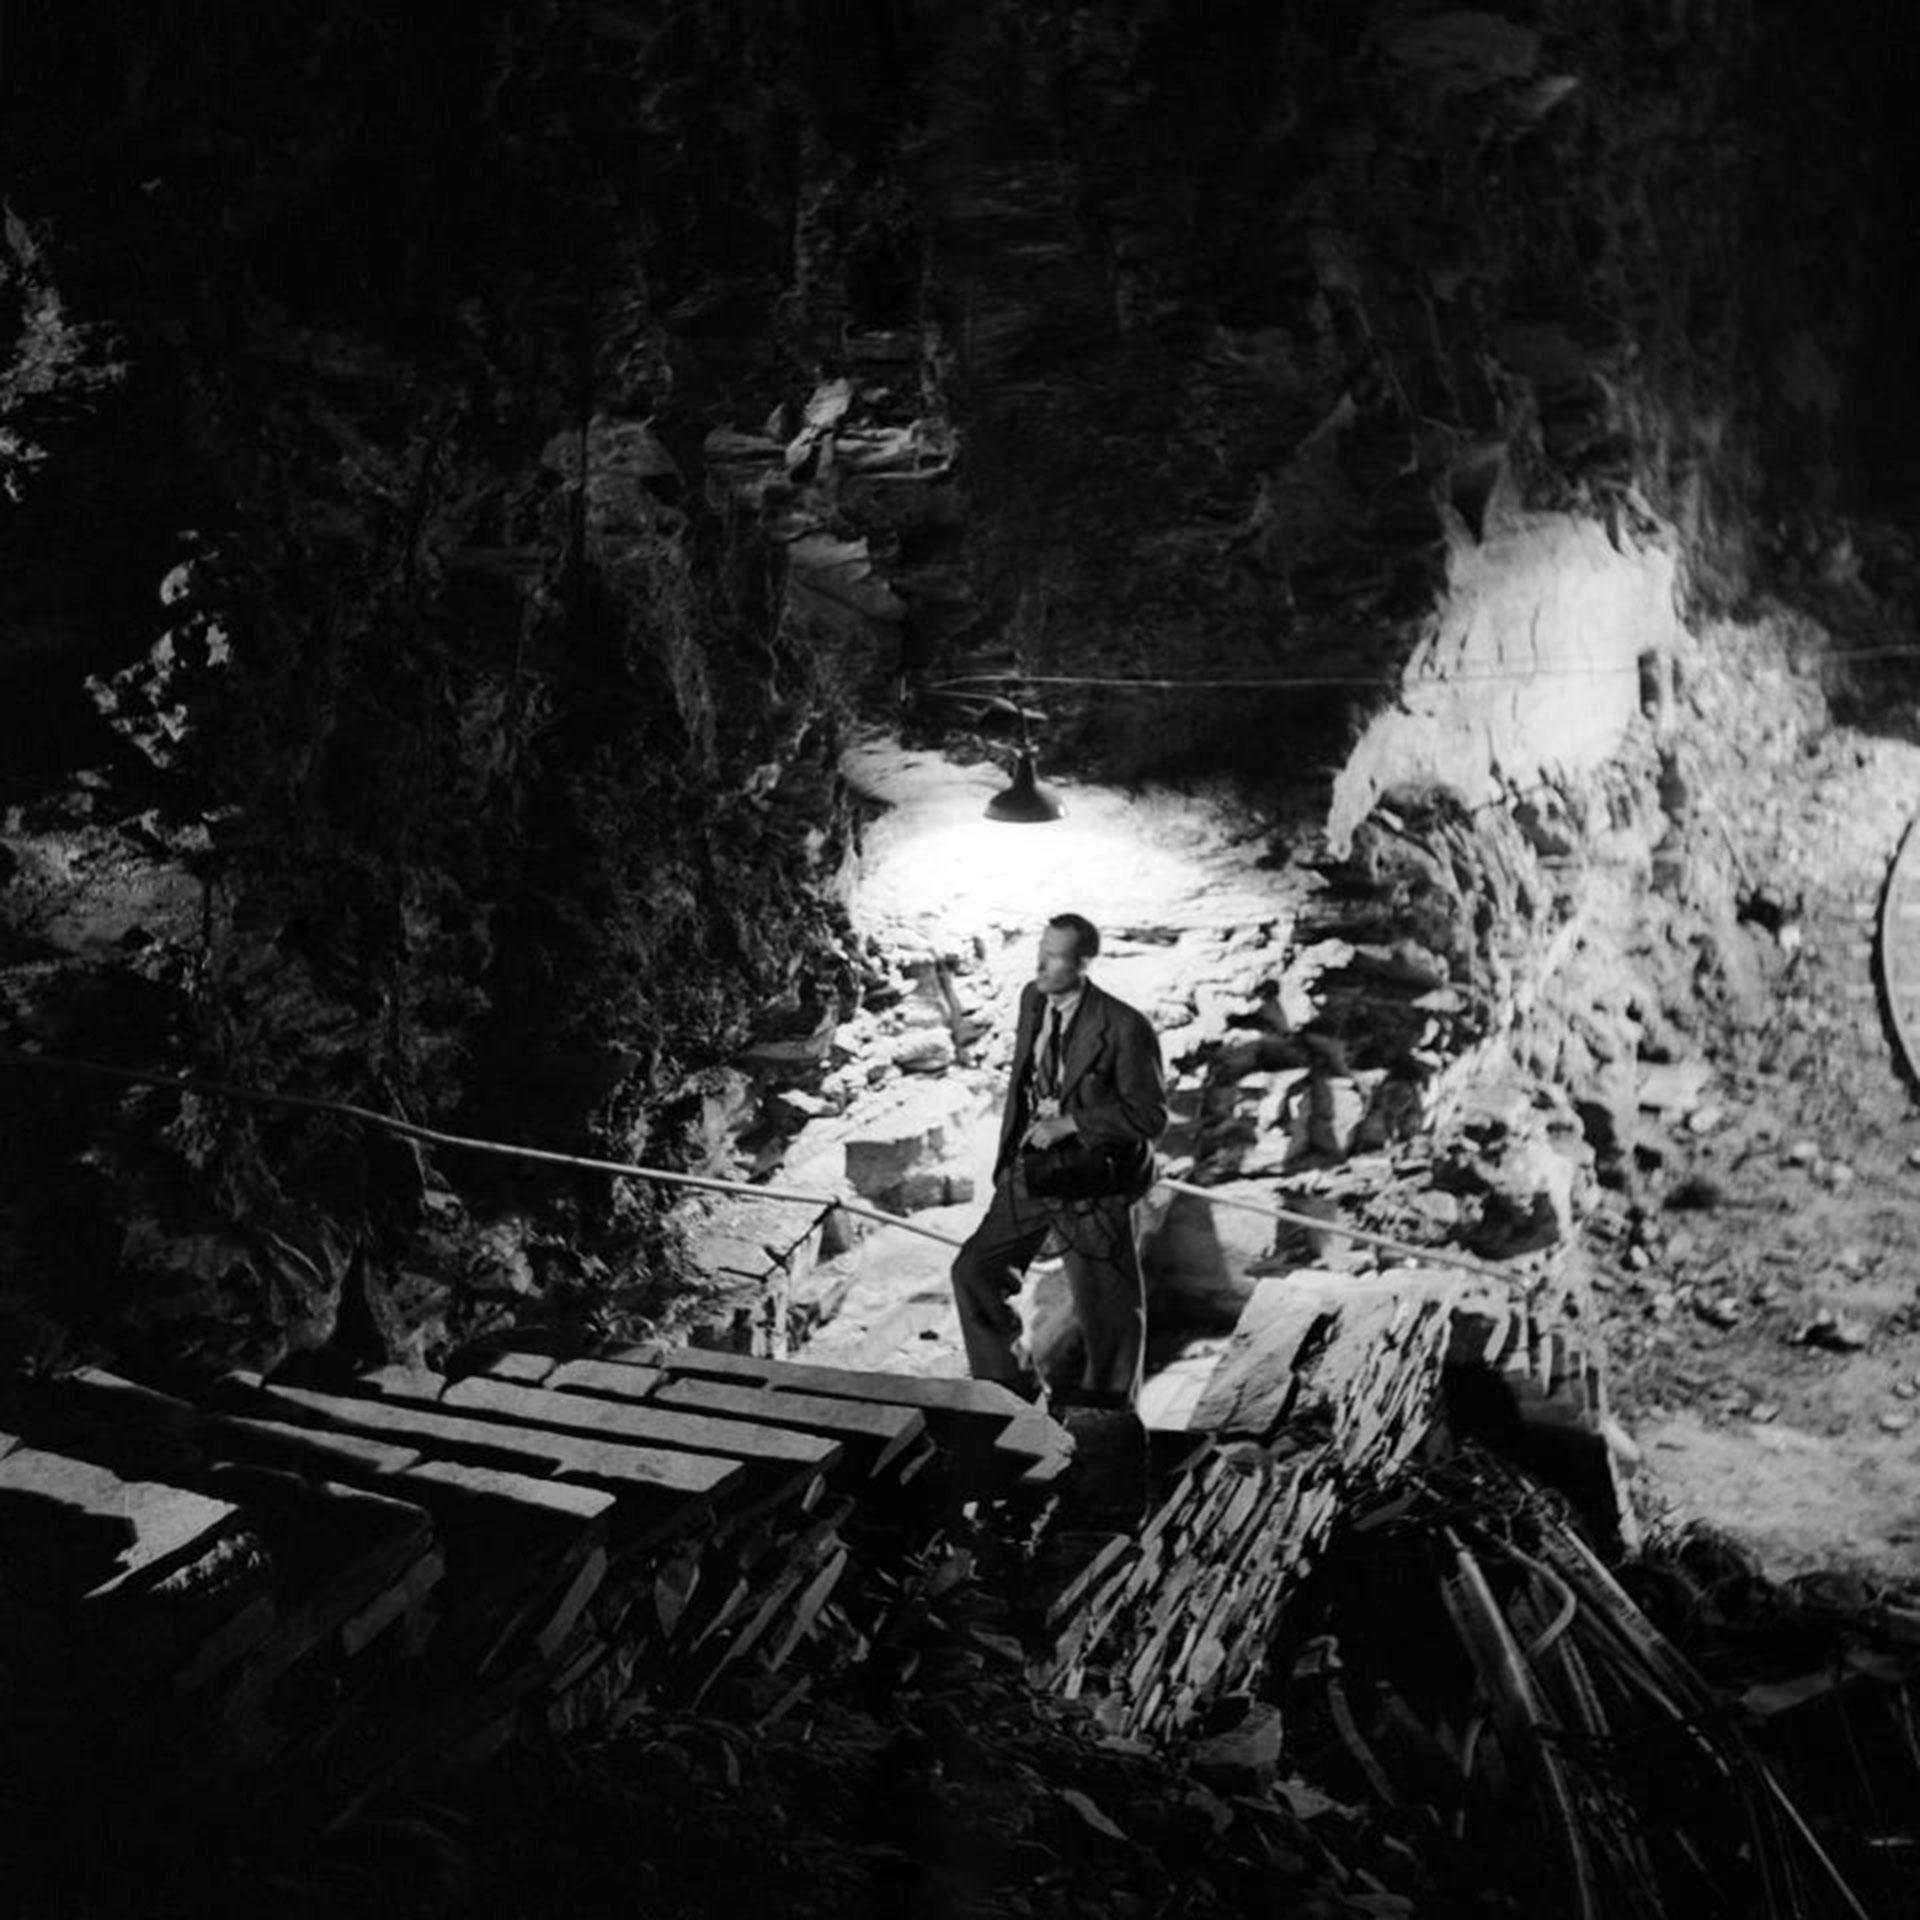 Las cuevas tenían aire acondicionado y luz eléctrica